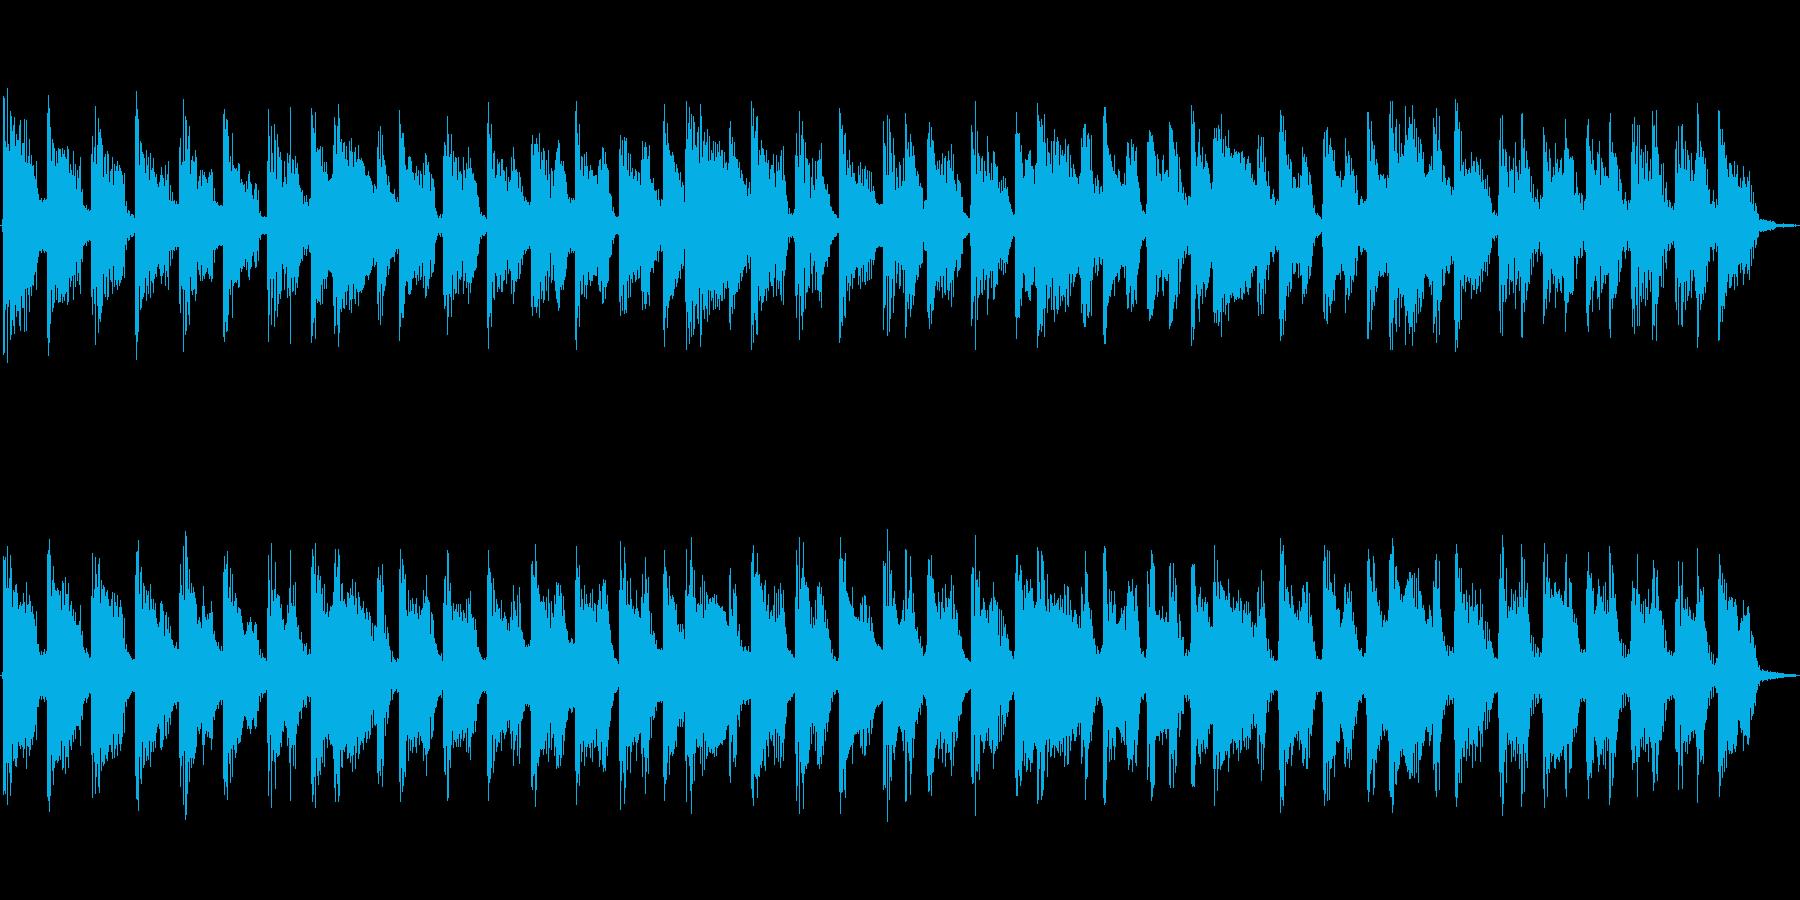 元祖ロックンロール風のジングルの再生済みの波形